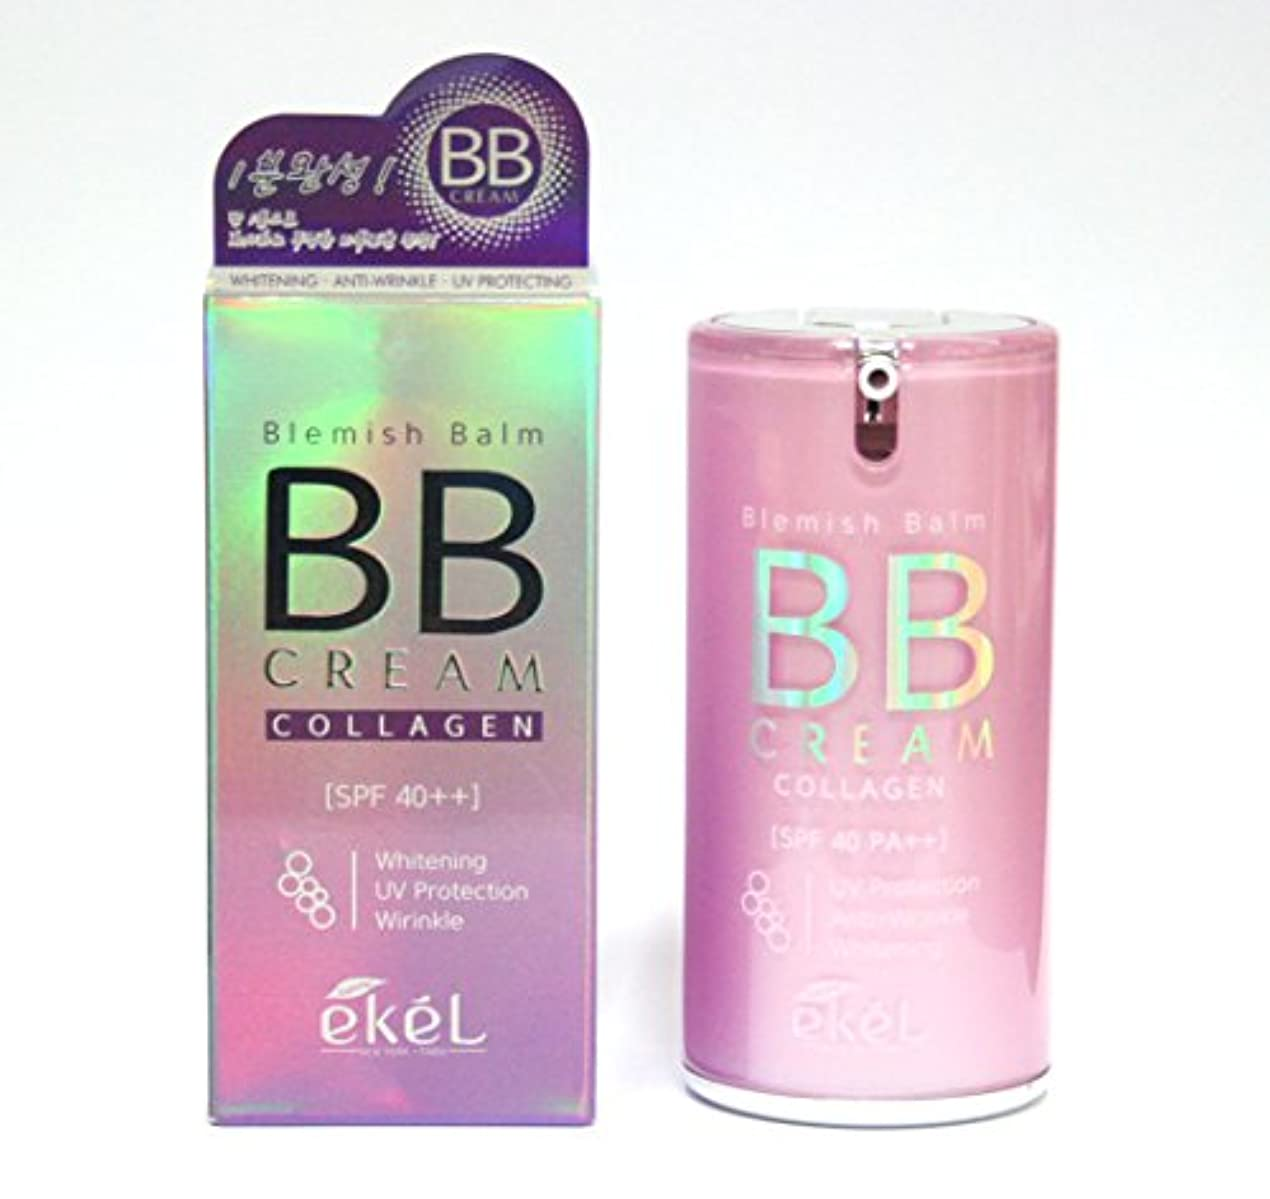 財団背景文言[EKEL] ブレミッシュバームコラーゲンBBクリーム50g / Blemish Balm Collagen BB Cream 50g /ホワイトニング、UV保護、しわ / whitening, uv protection...